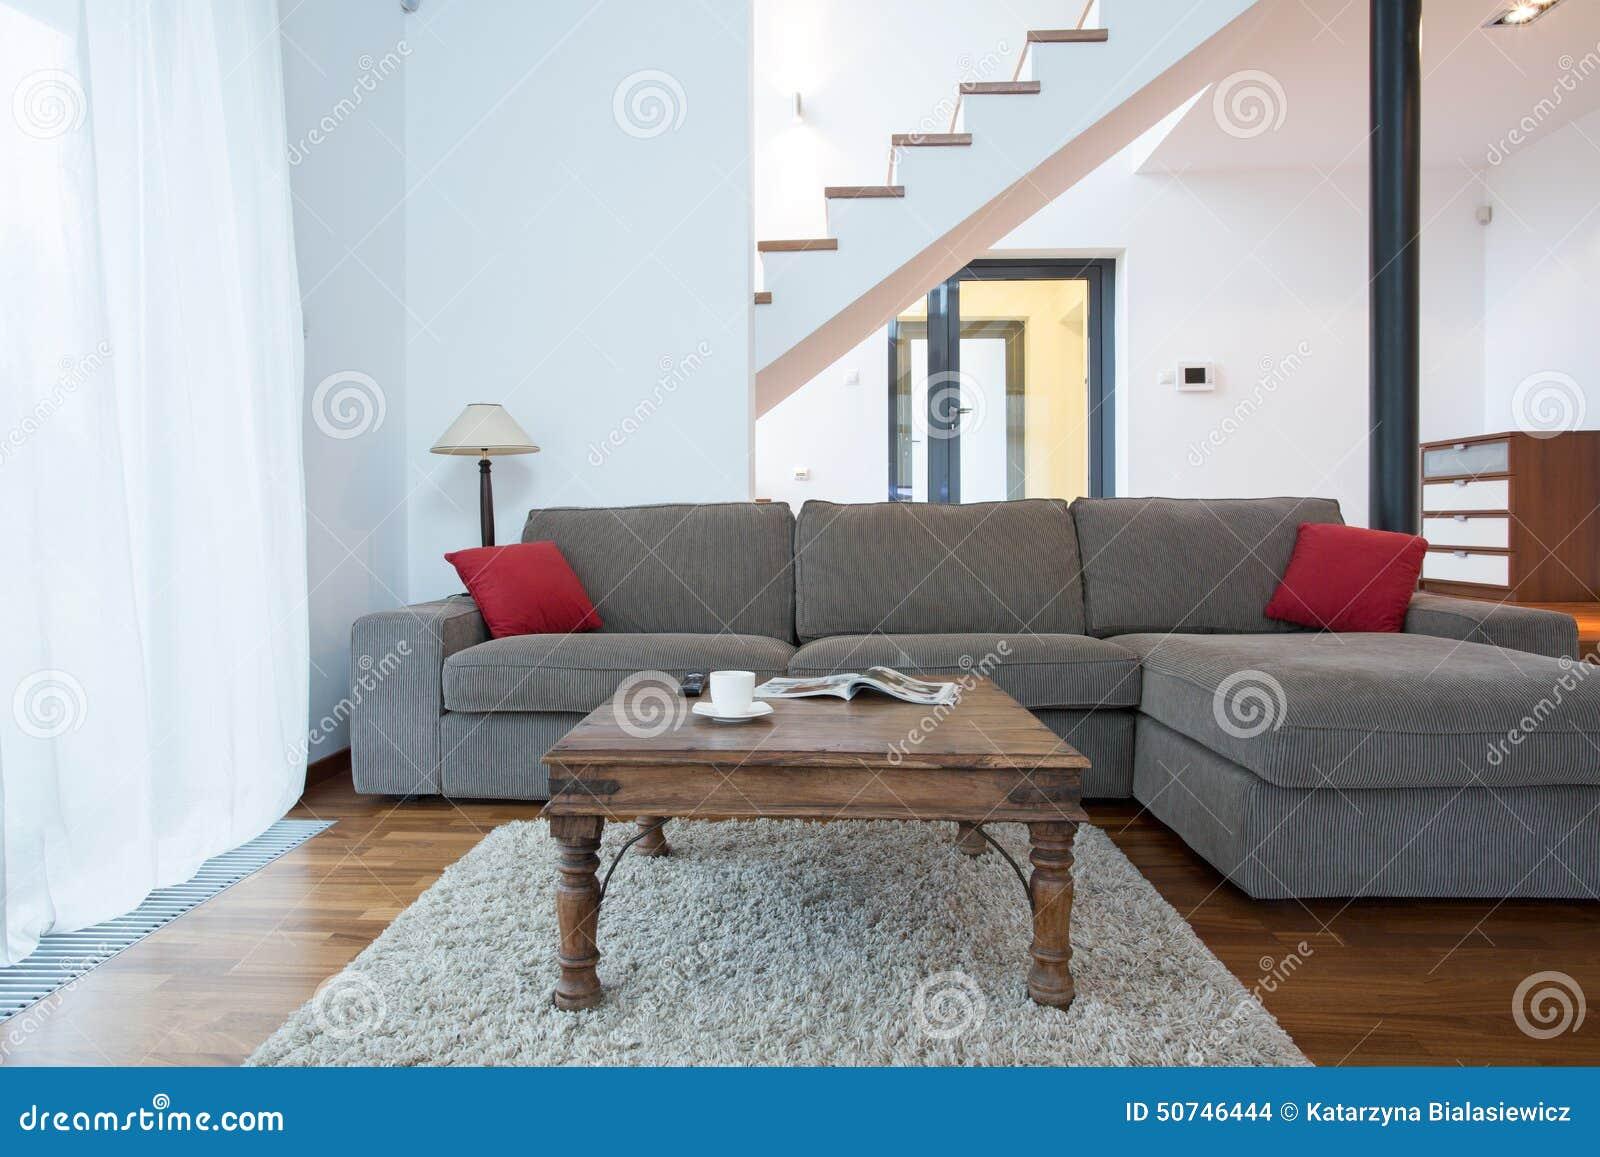 Grose wohnzimmer bilder - Dekoration fa r wohnzimmer ...